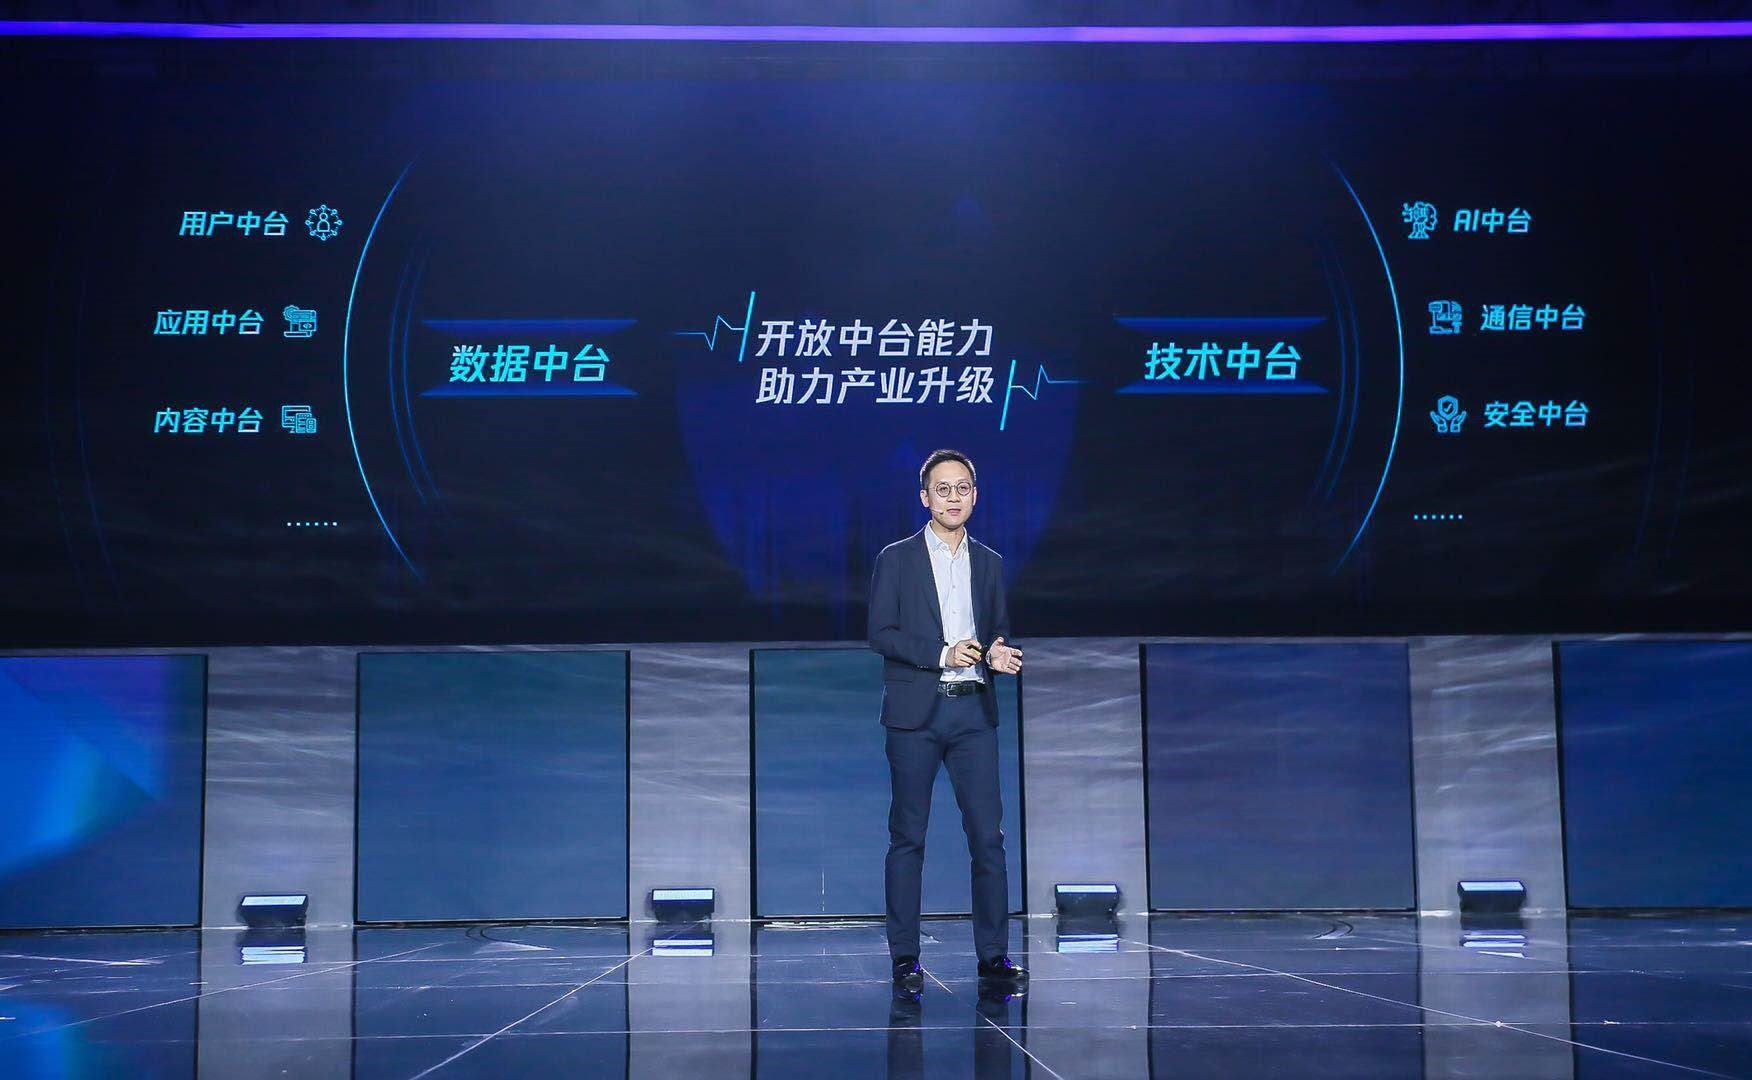 騰訊湯道生:騰訊開放中臺能力 助力產業升級